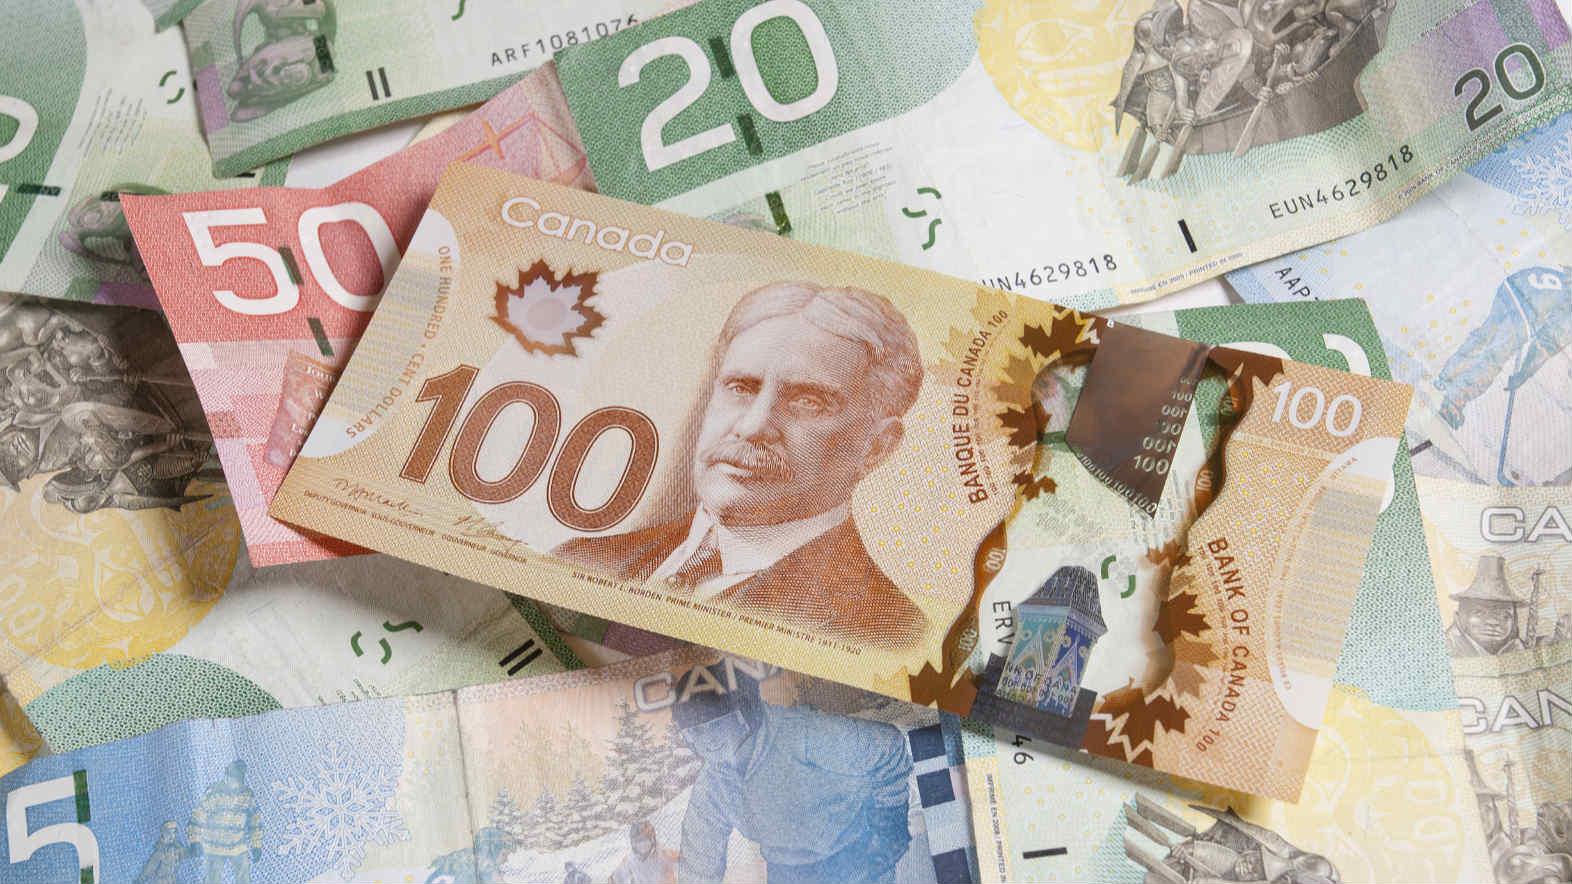 Canada's economy shrank 8.2 percent in Q1: government